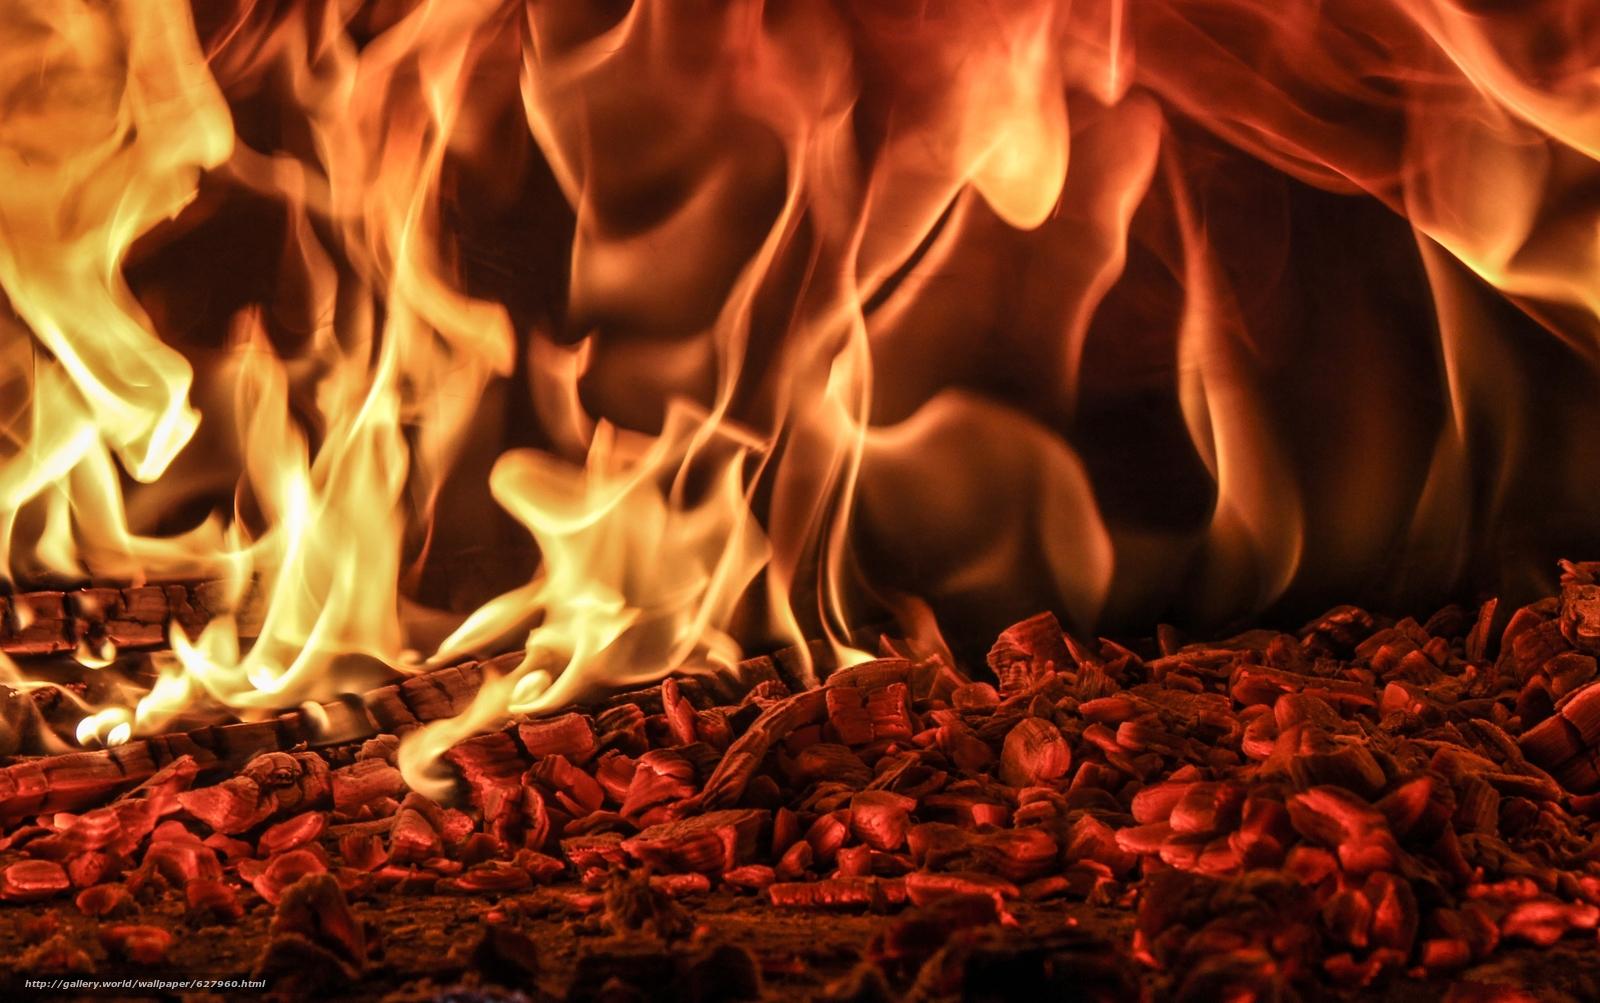 Скачать на телефон обои фото картинку на тему костёр, угли, пламя, огонь, разширение 3775x2366